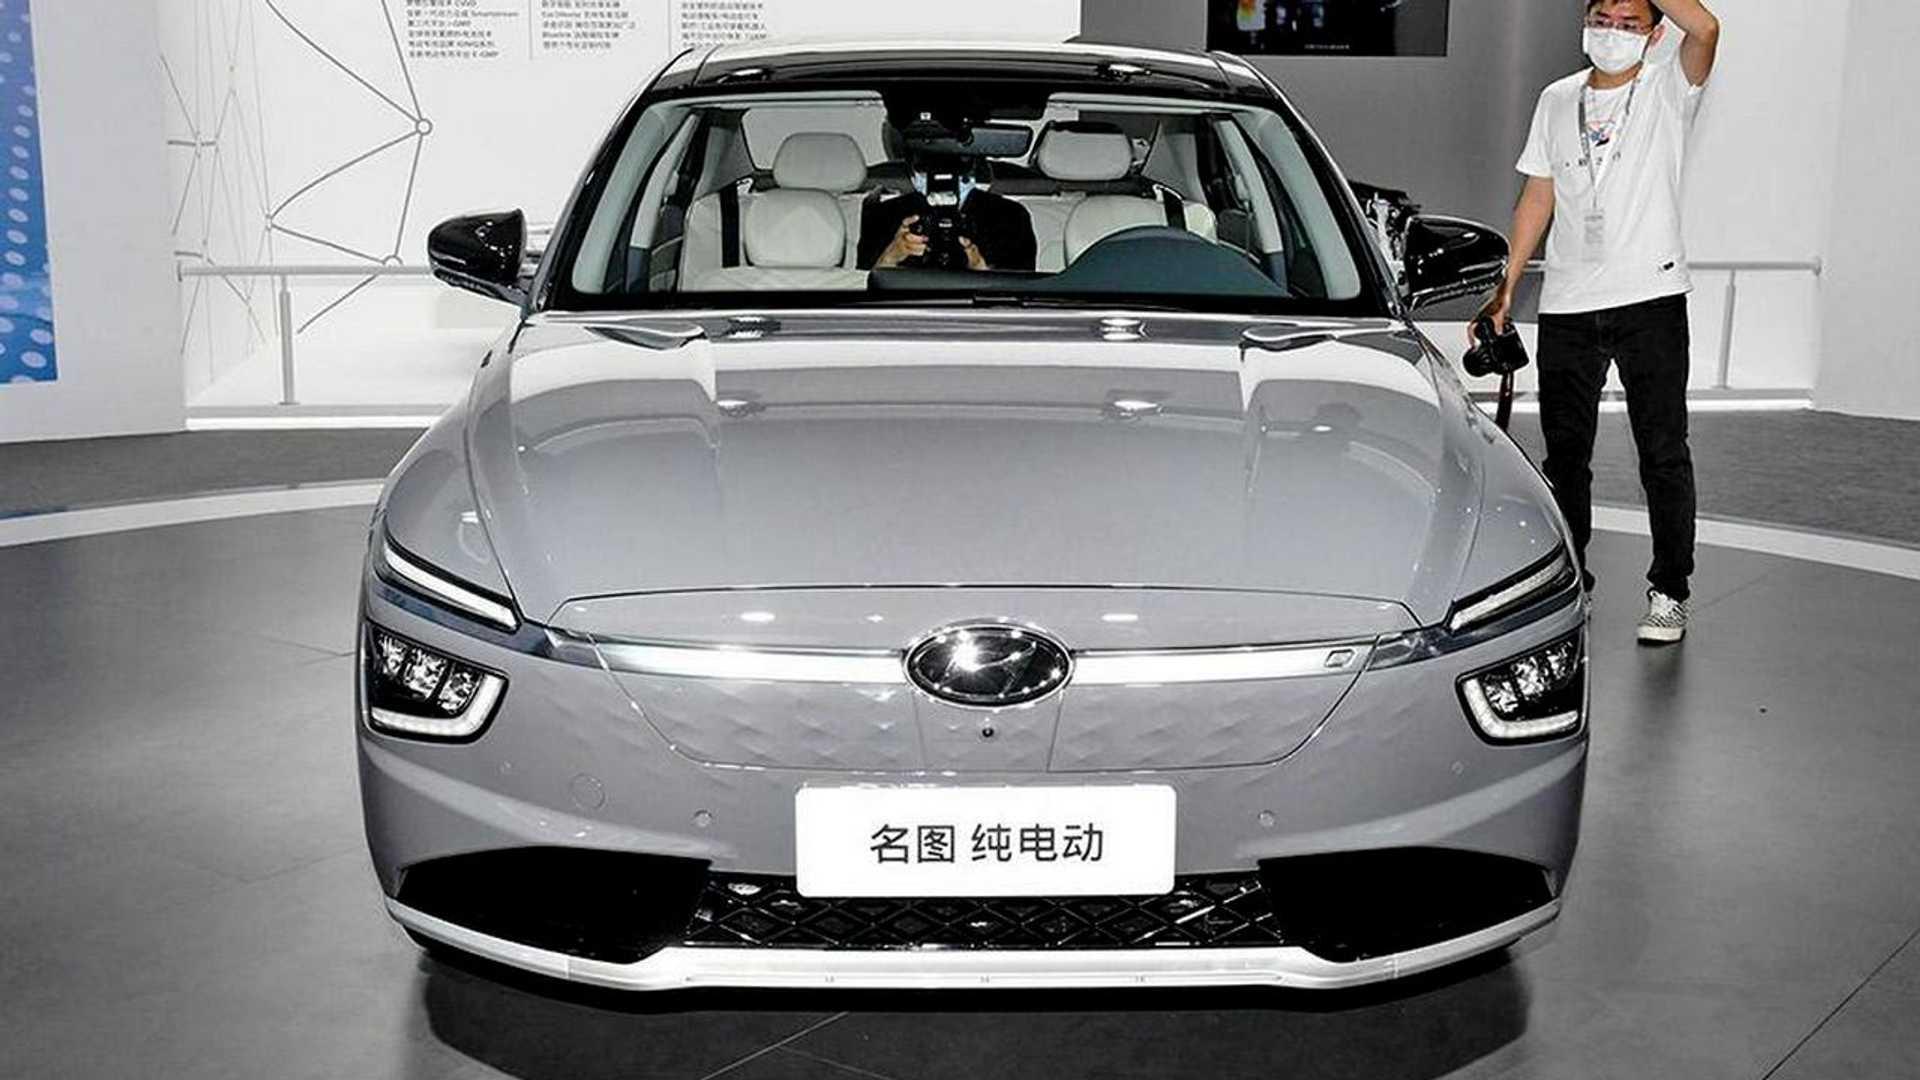 На автосалоне в Гуанчжоу Hyundai презентовала электрический седан